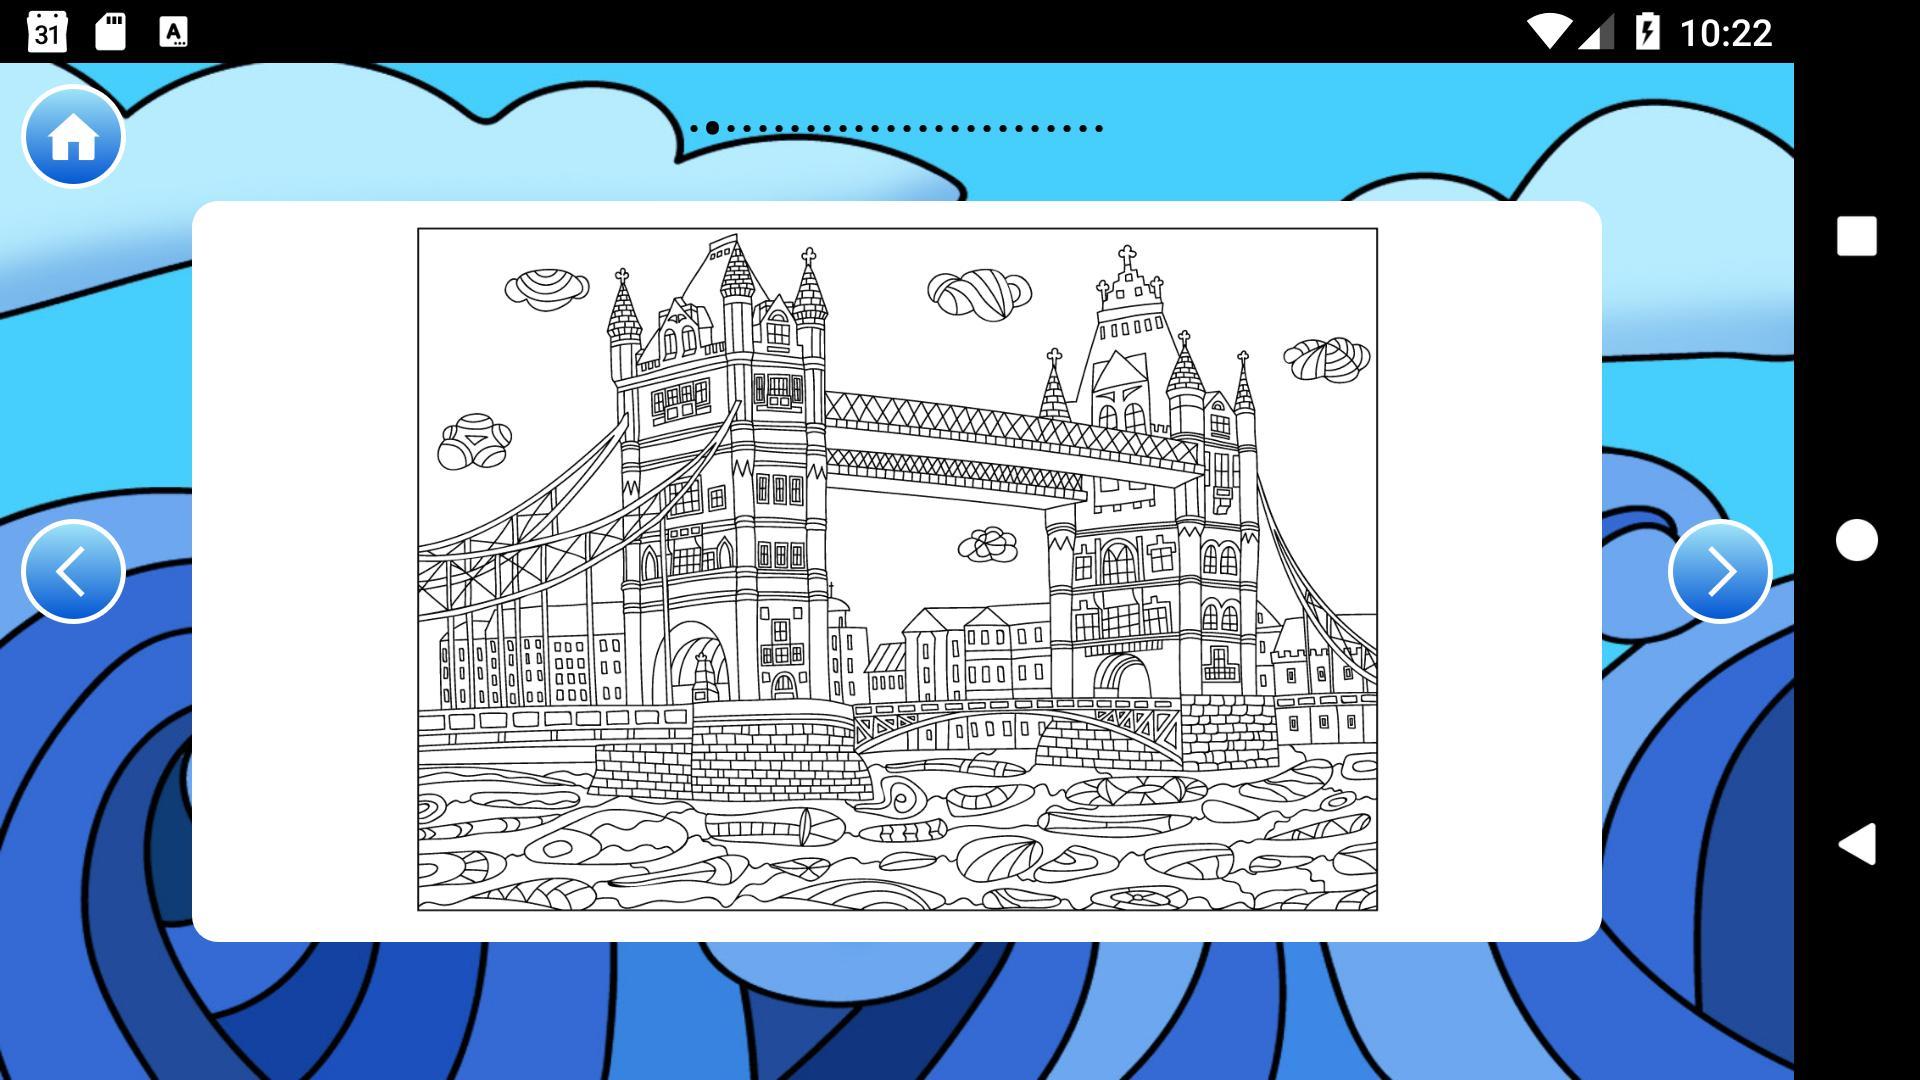 раскраска антистресс города путешествия для андроид